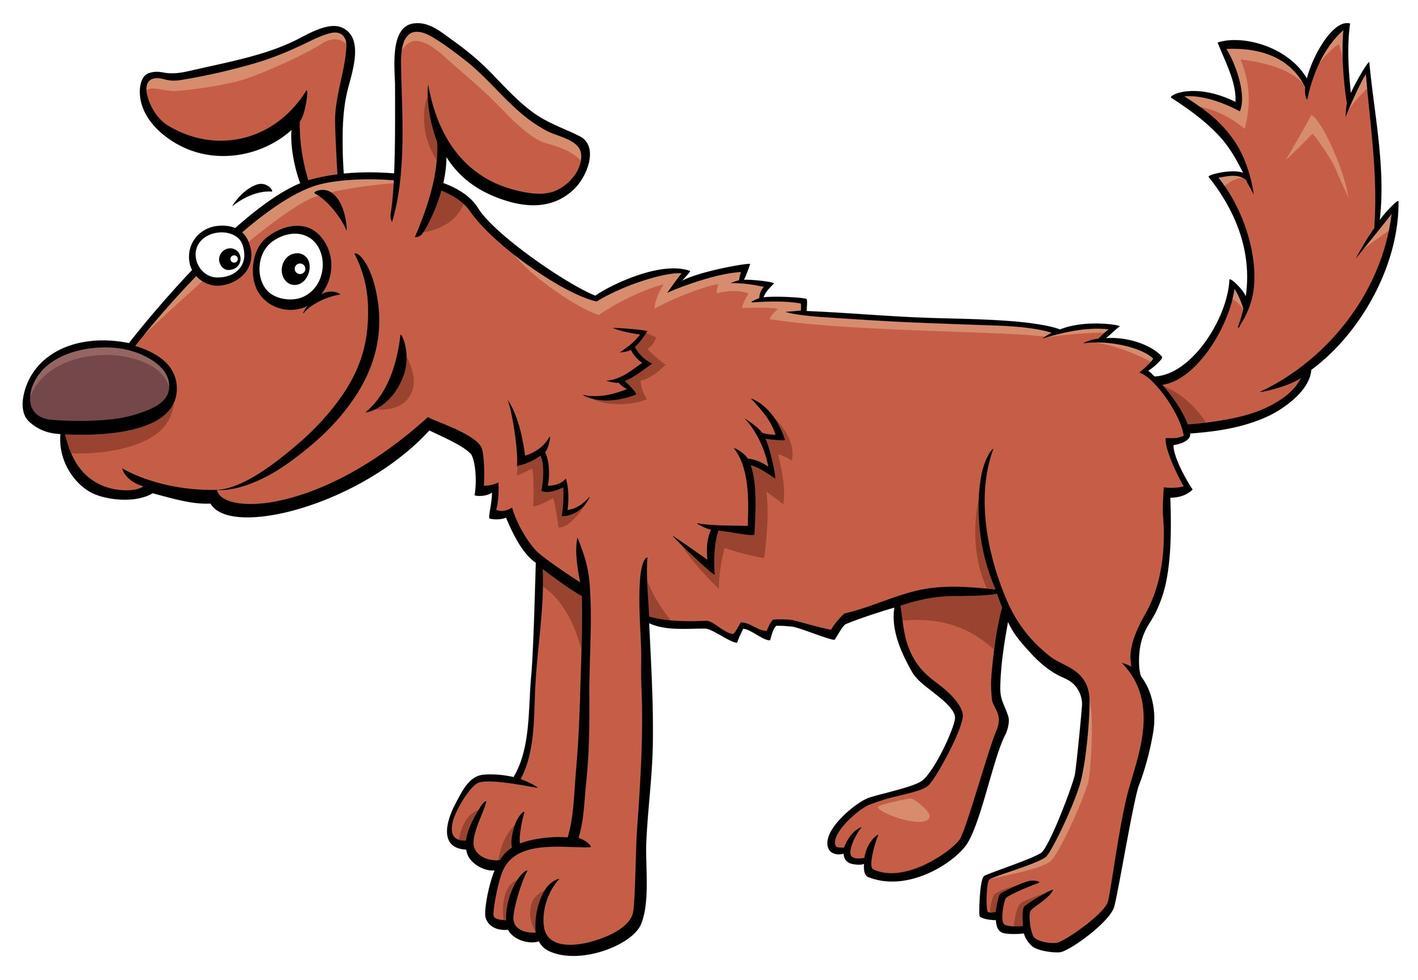 tecknad hund komiska djur karaktär vektor